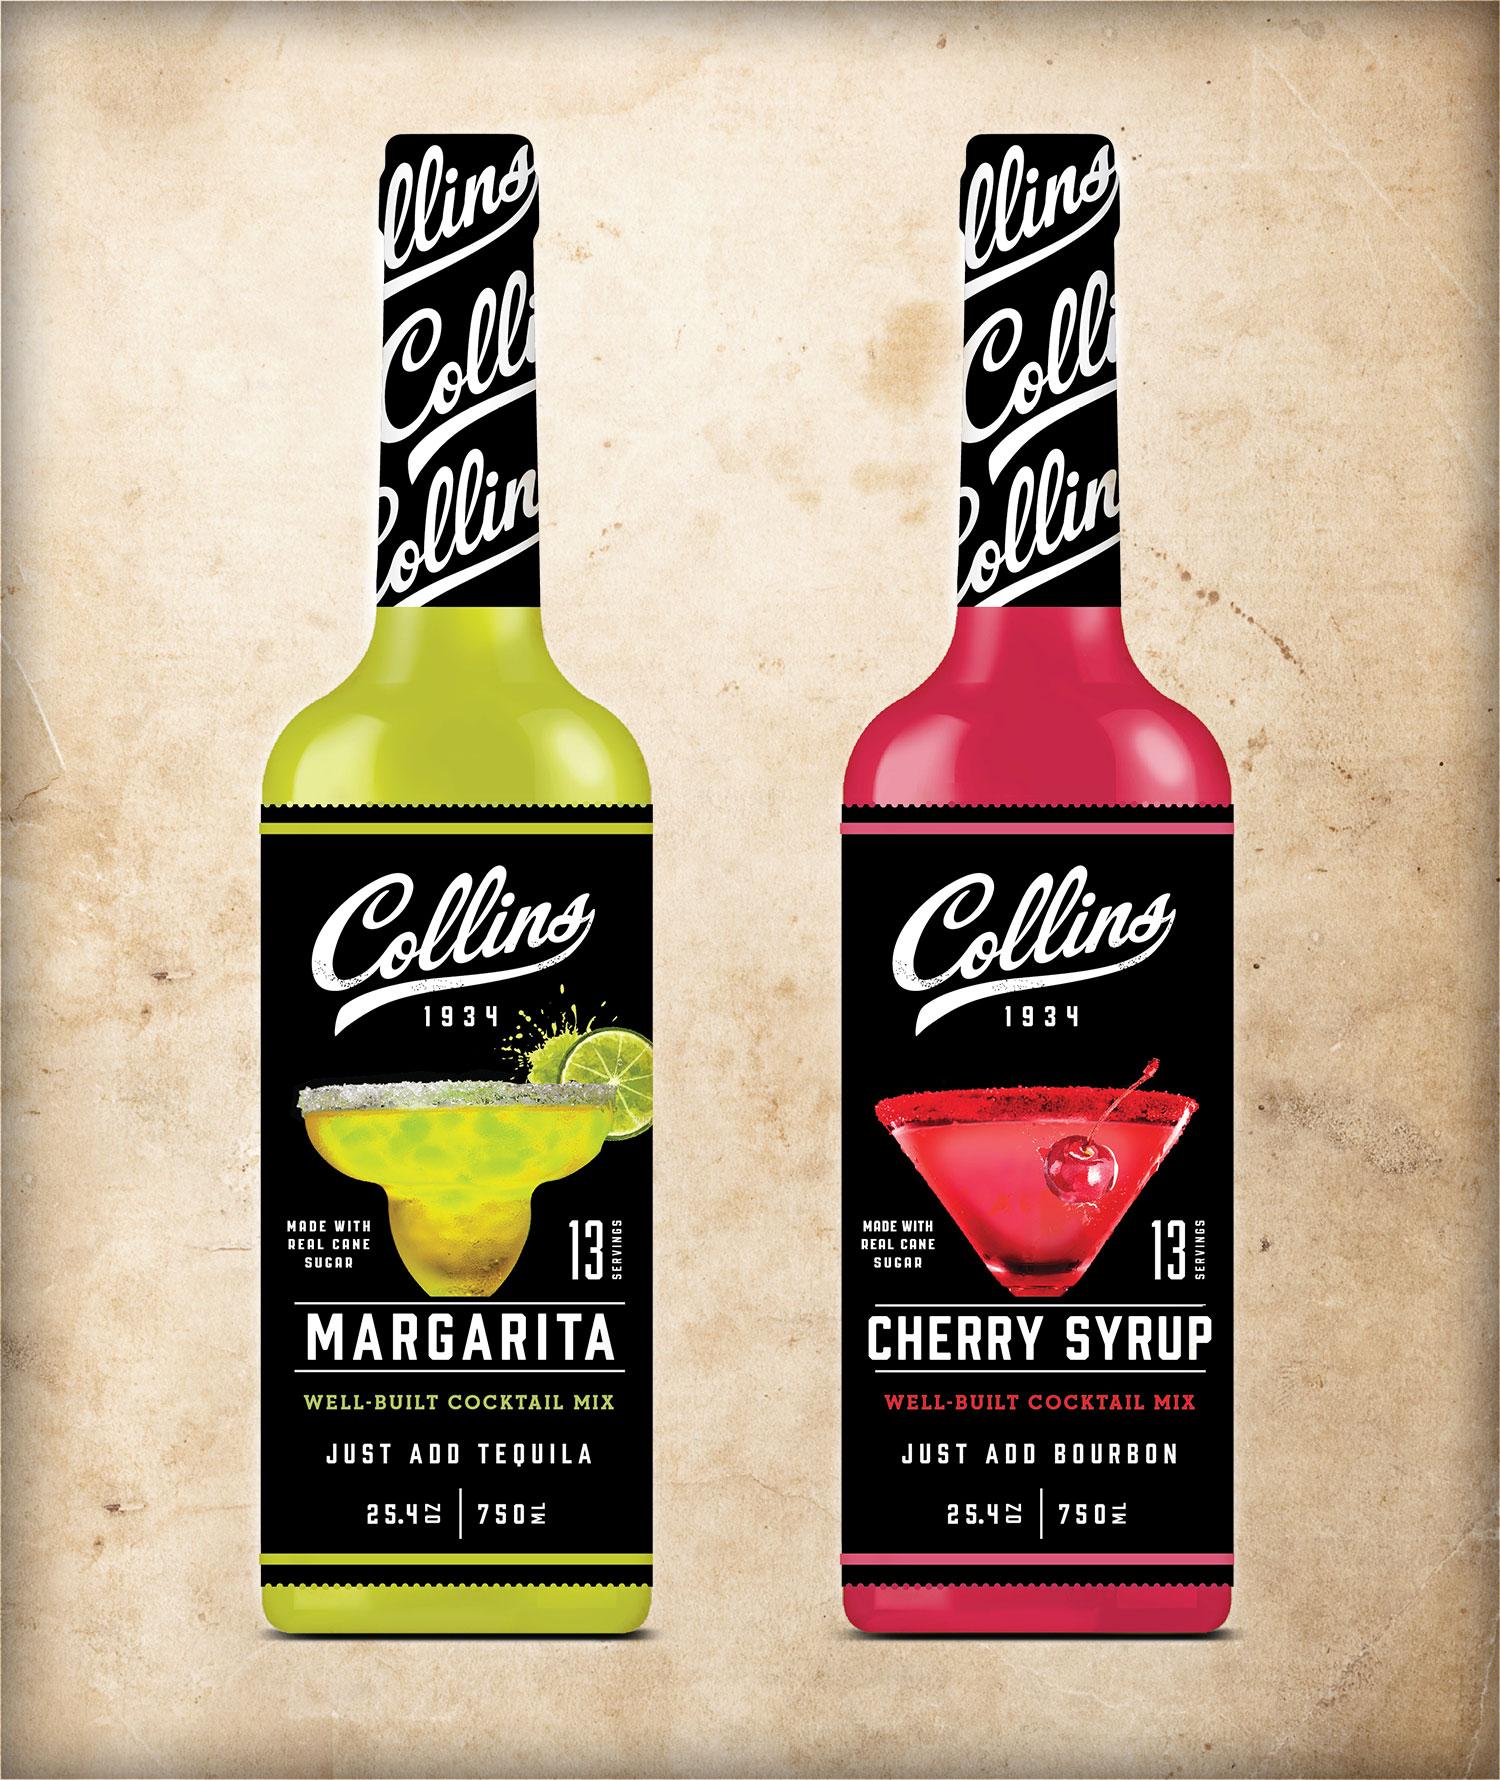 Collins-Rebrand-Packaging-MIXES-Yuri-Shvets-91.jpg